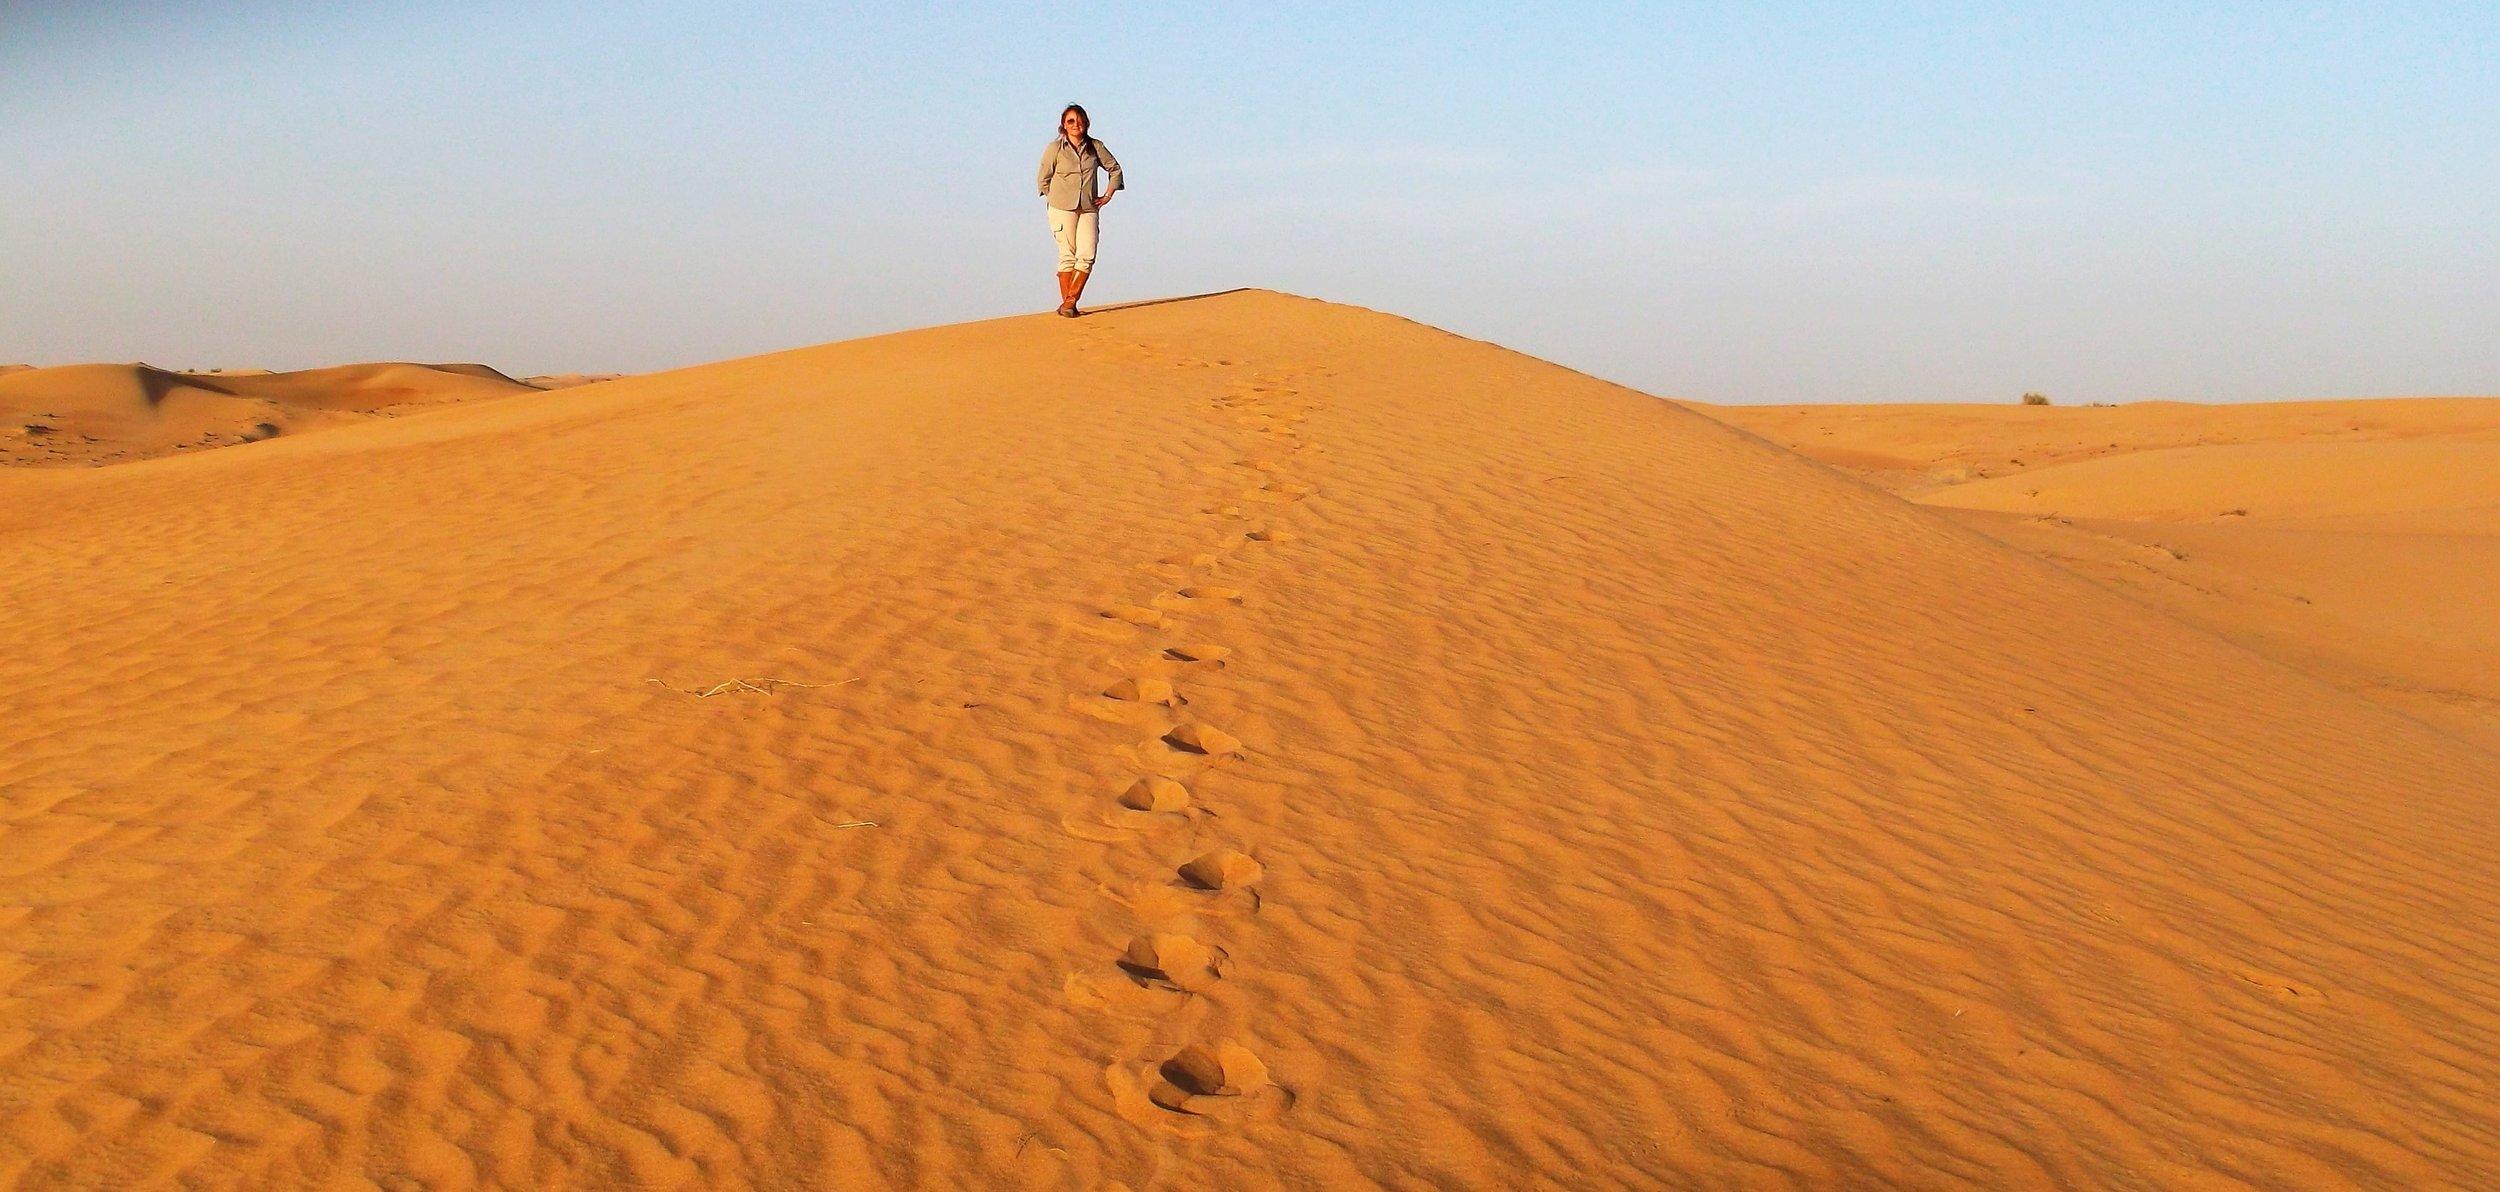 Desert Safari UAE © Flyga Twiga LLC